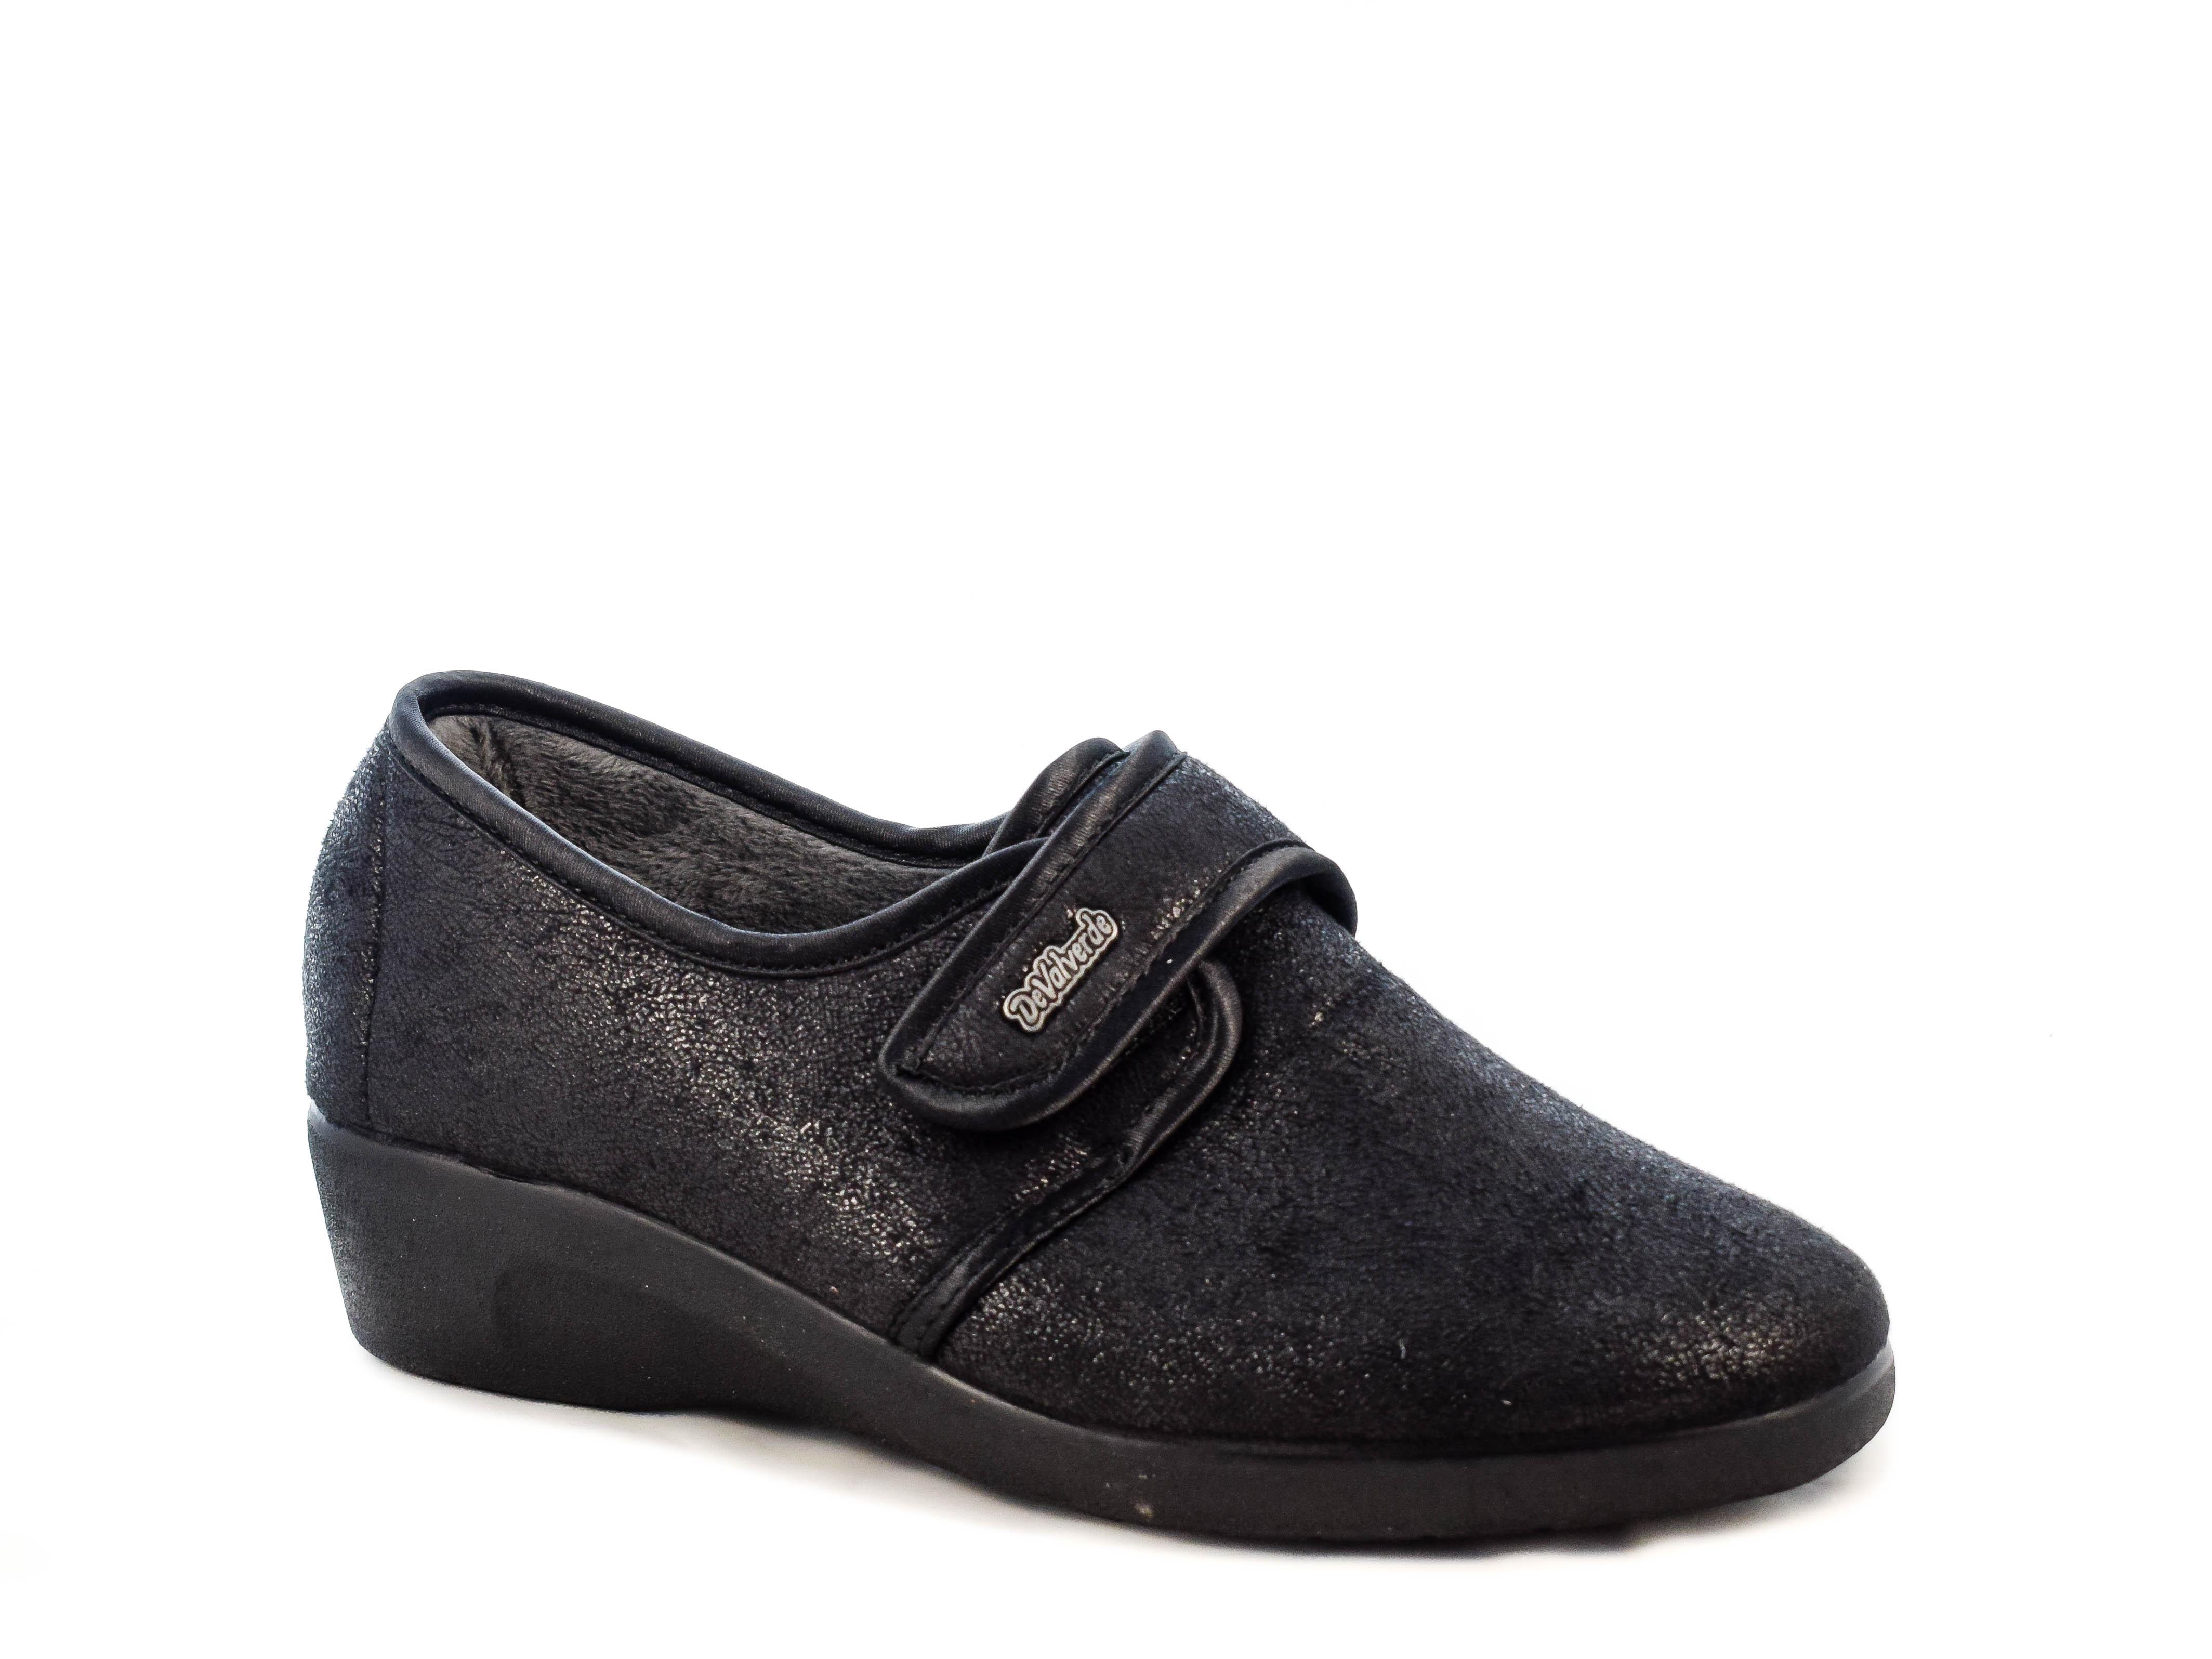 Γυναικεία Υφασμάτινα Παπούτσια DeValverde DV212 BLACK Μαύρο